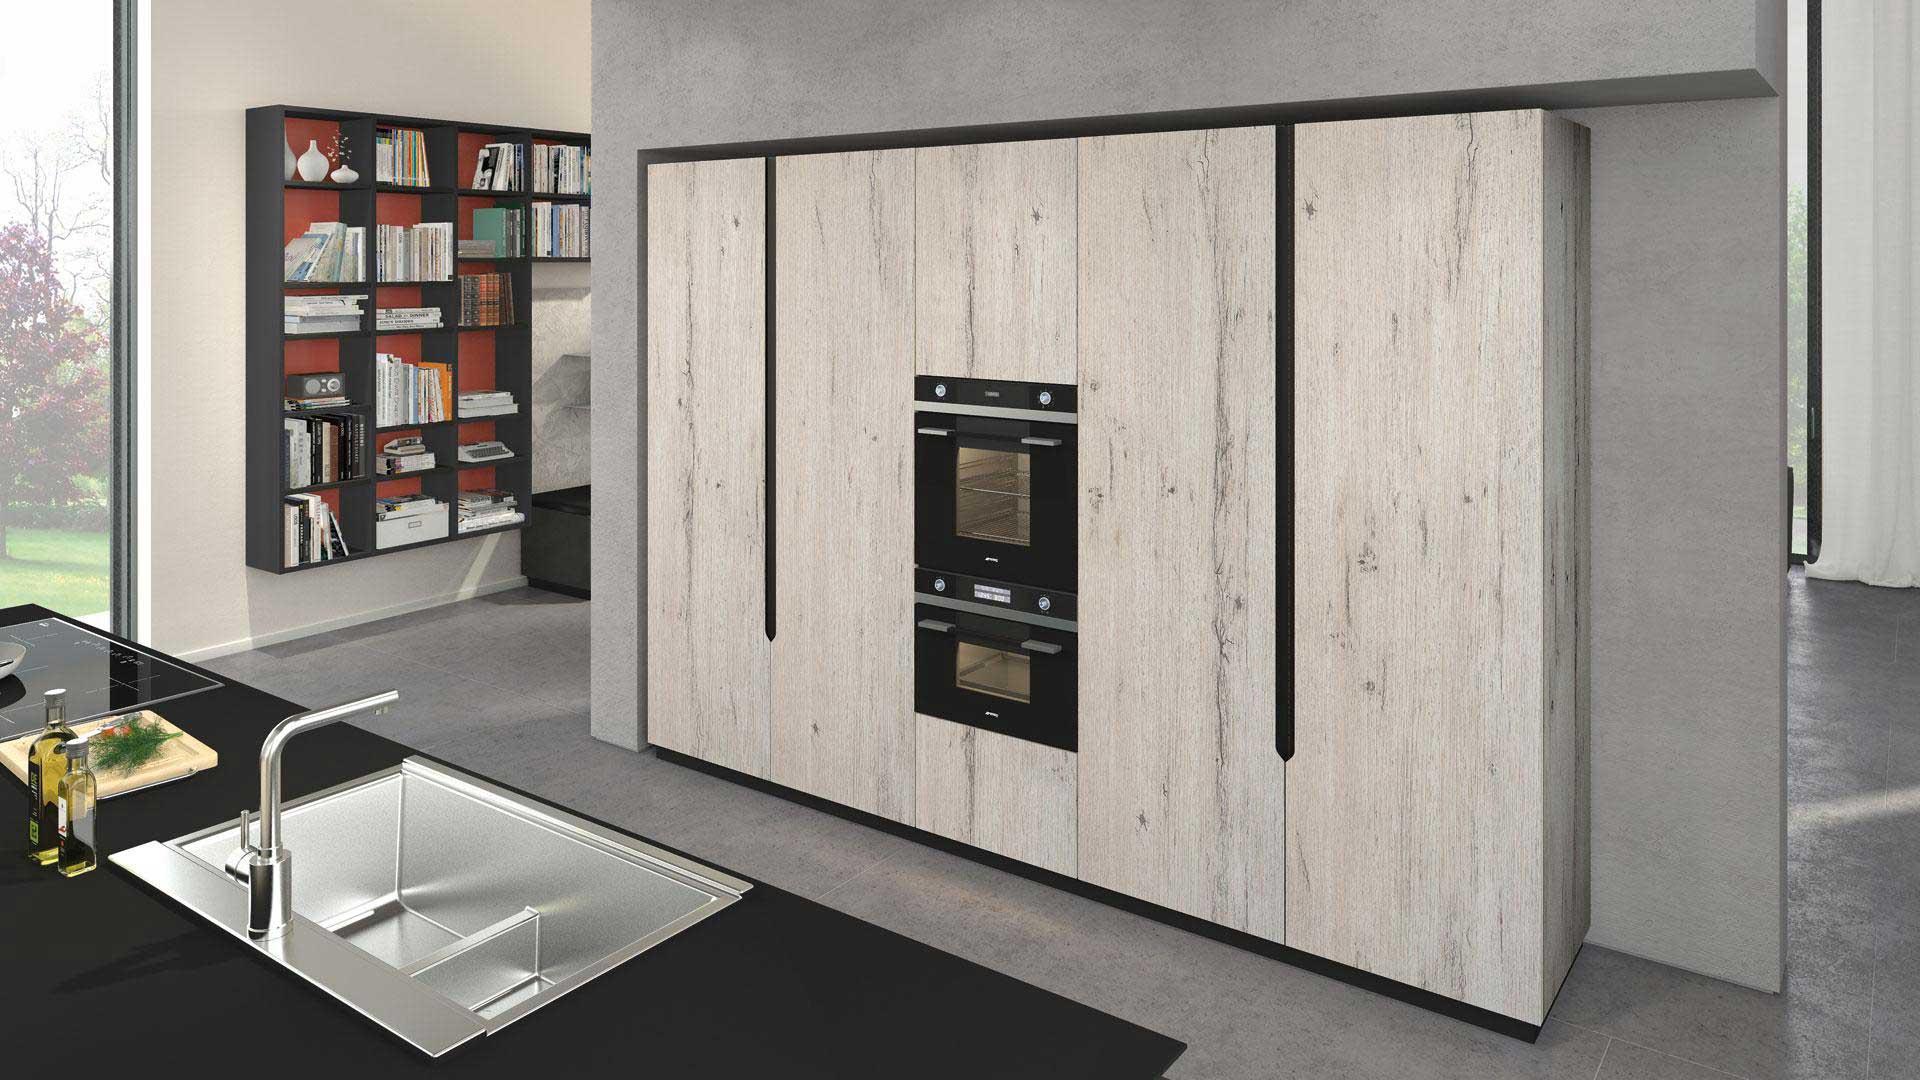 Lube Cucina OLTRE Design Materico Www.olimparredamenti.it #714438 1920 1080 Programma Per Progettare Cucina Lube